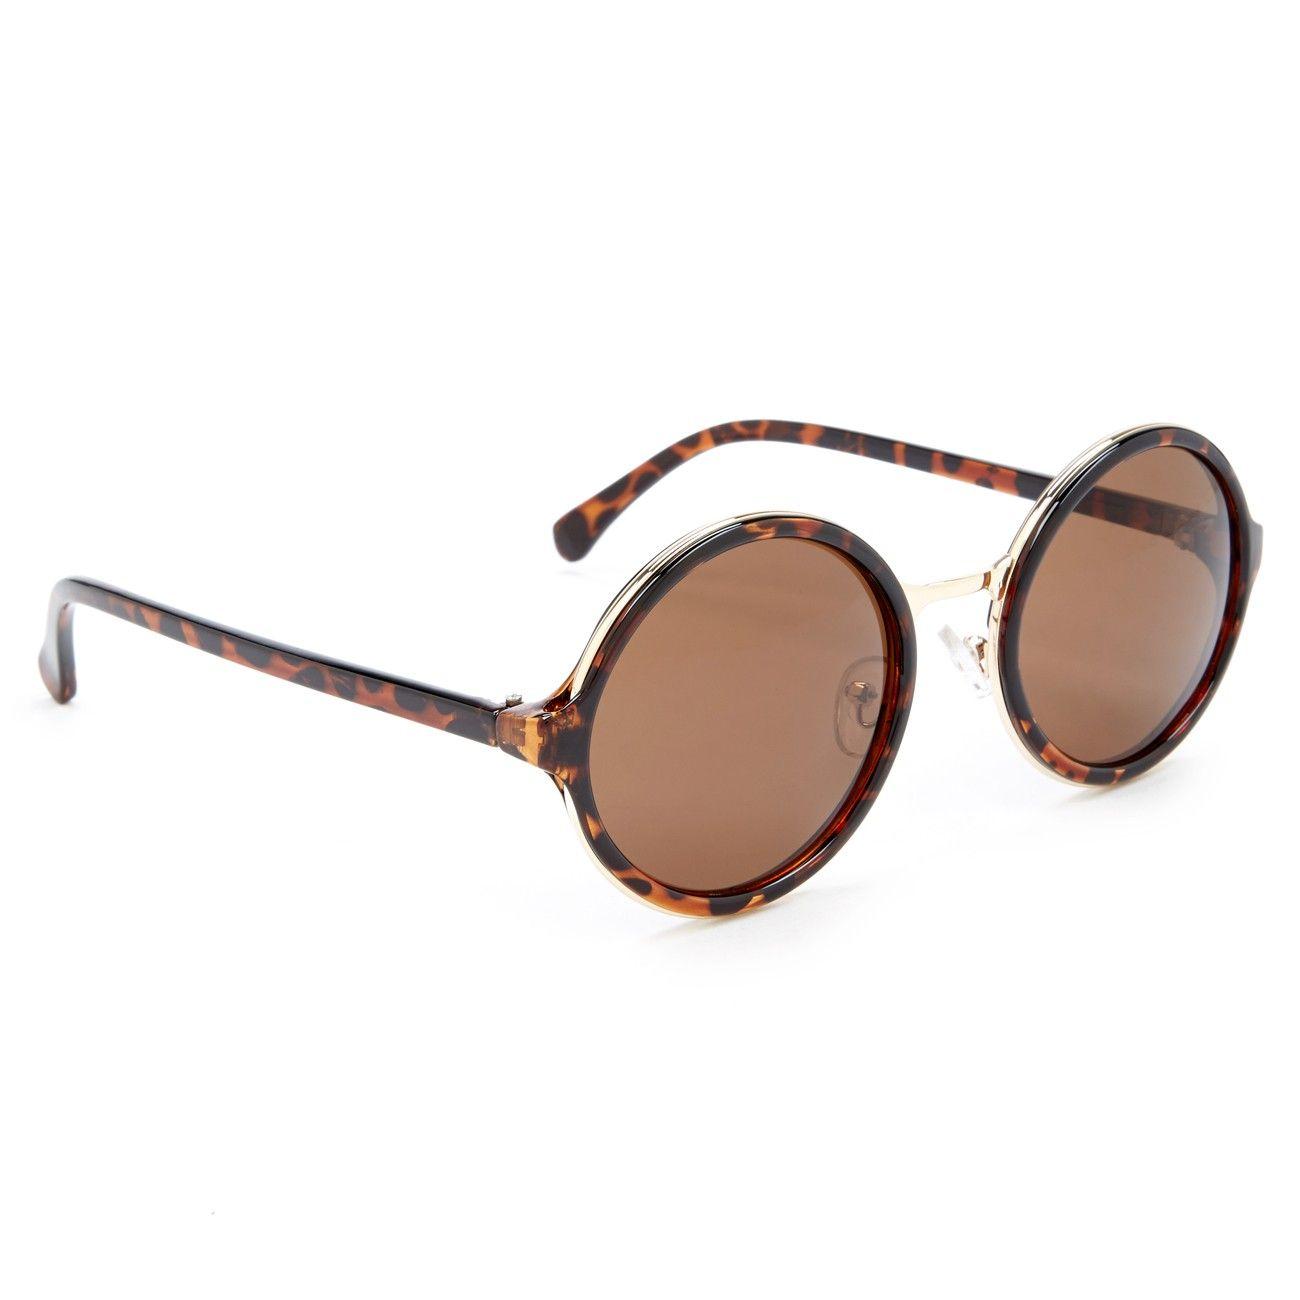 Sole Society 'Marlene' oversized round sunglasses, $24.95